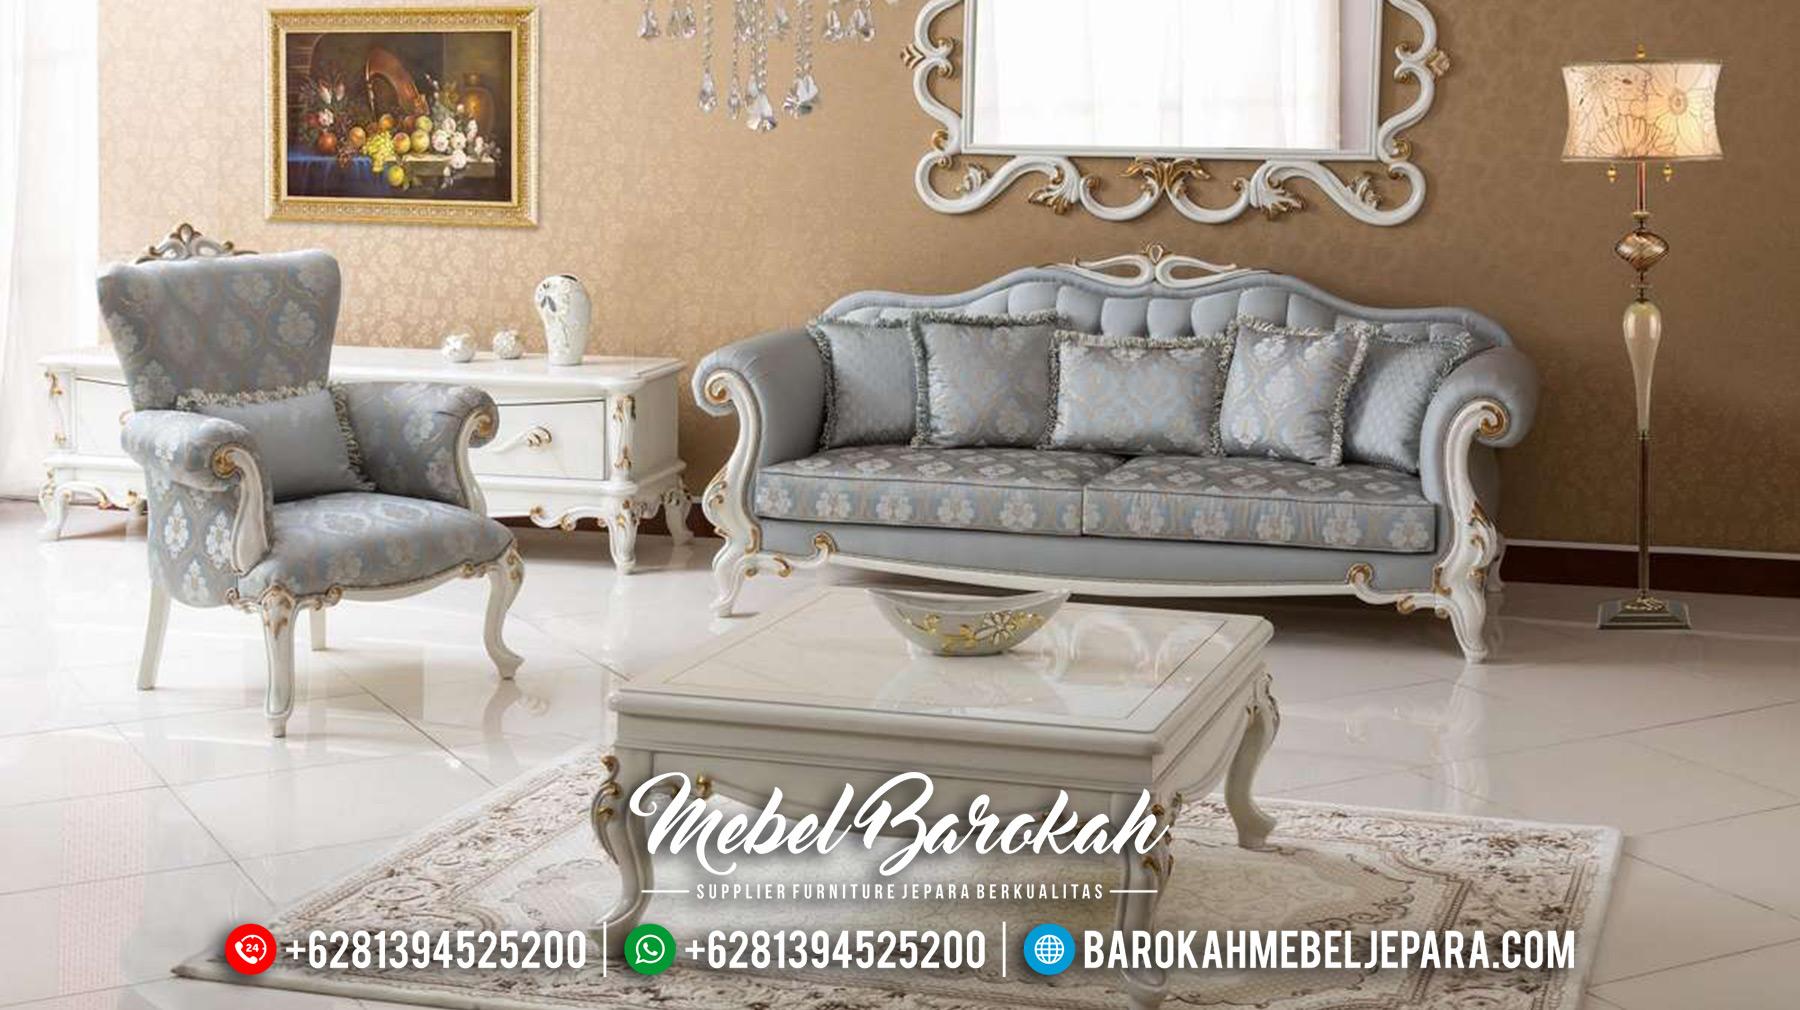 Sofa Tamu Mewah Luxury Classic New Design Furniture Jepara MB-0463